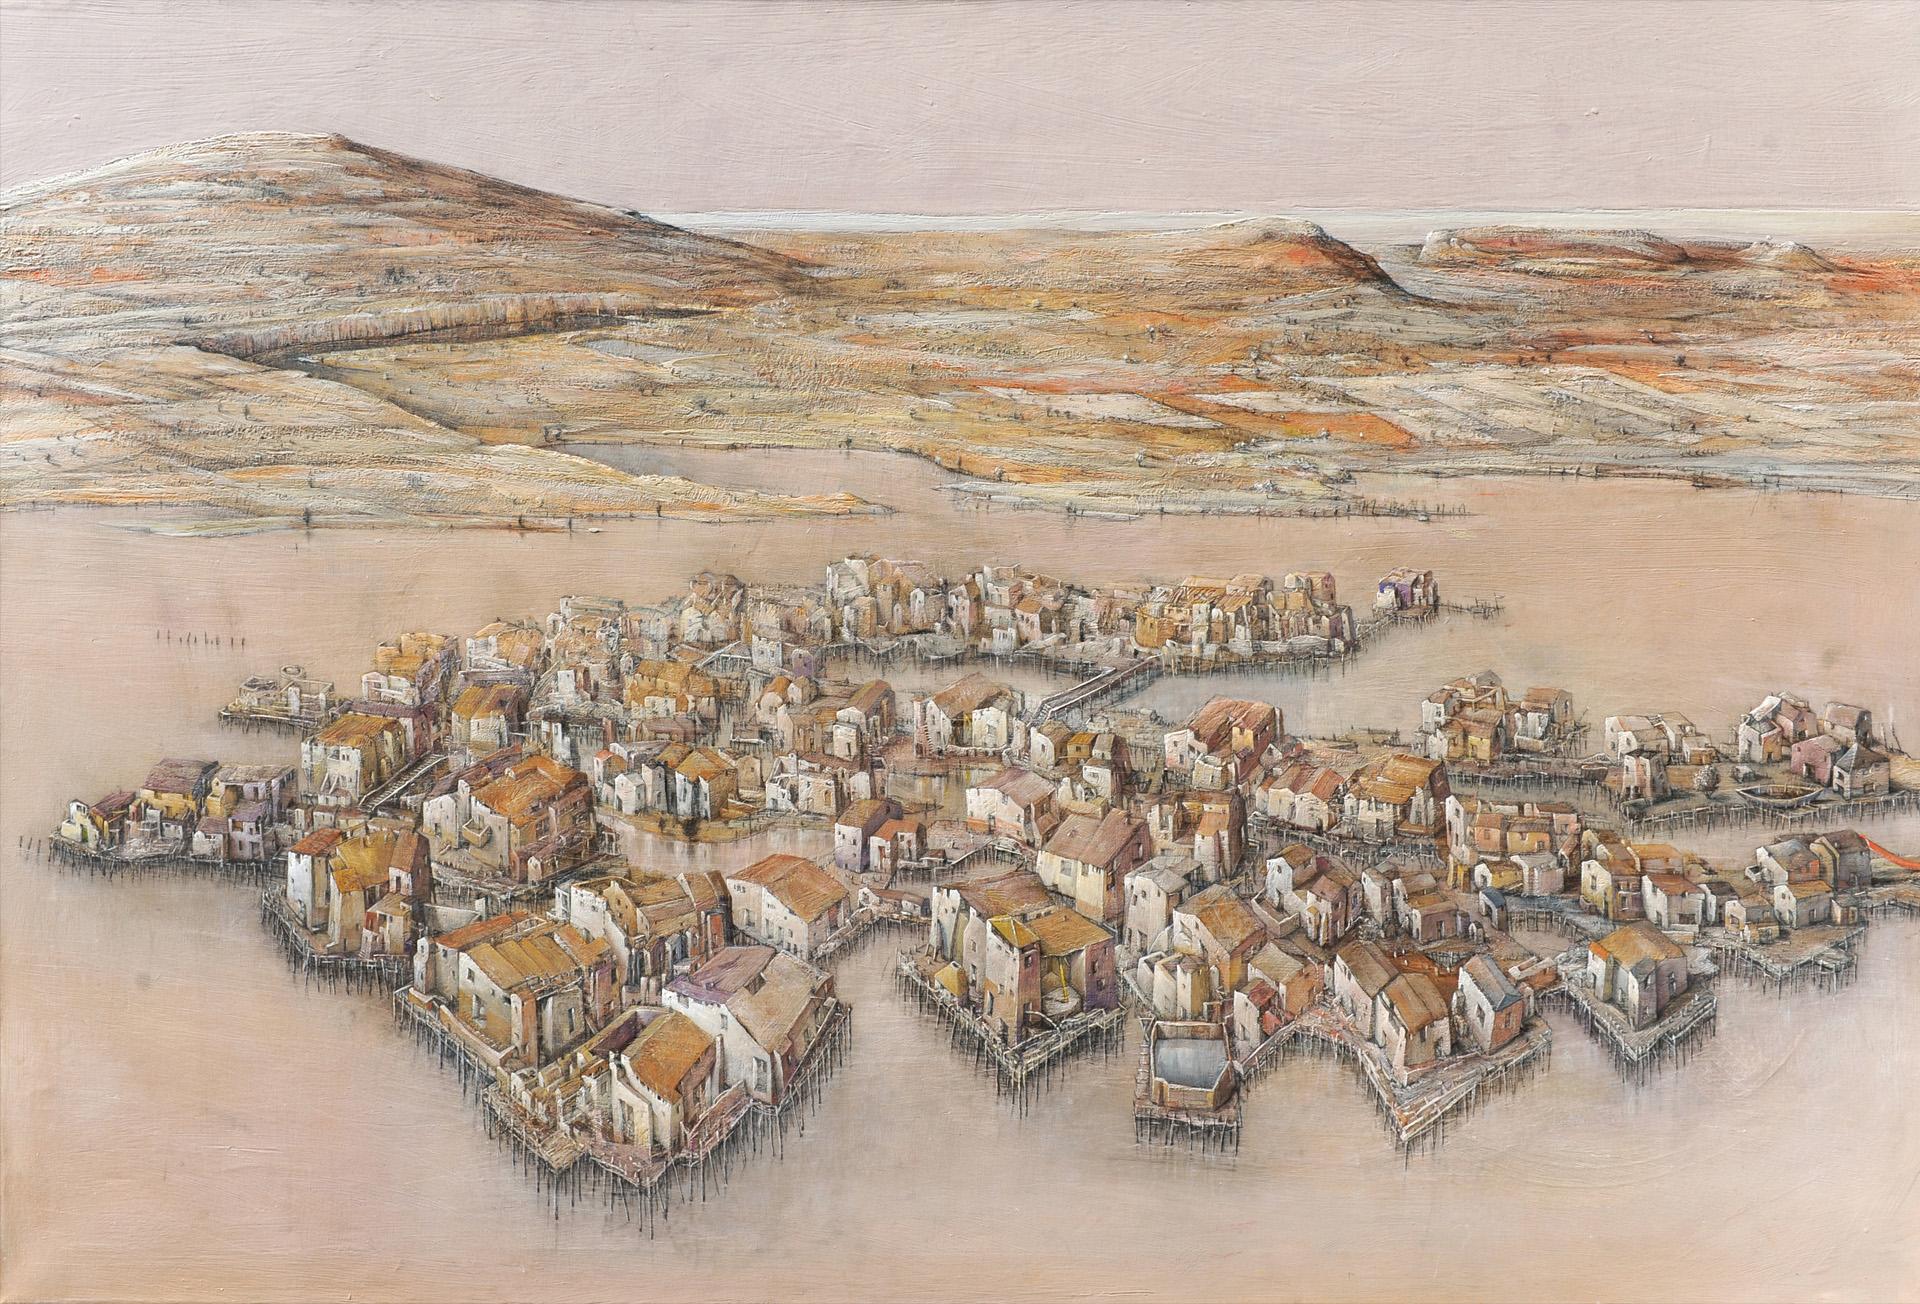 villaggio nella palude